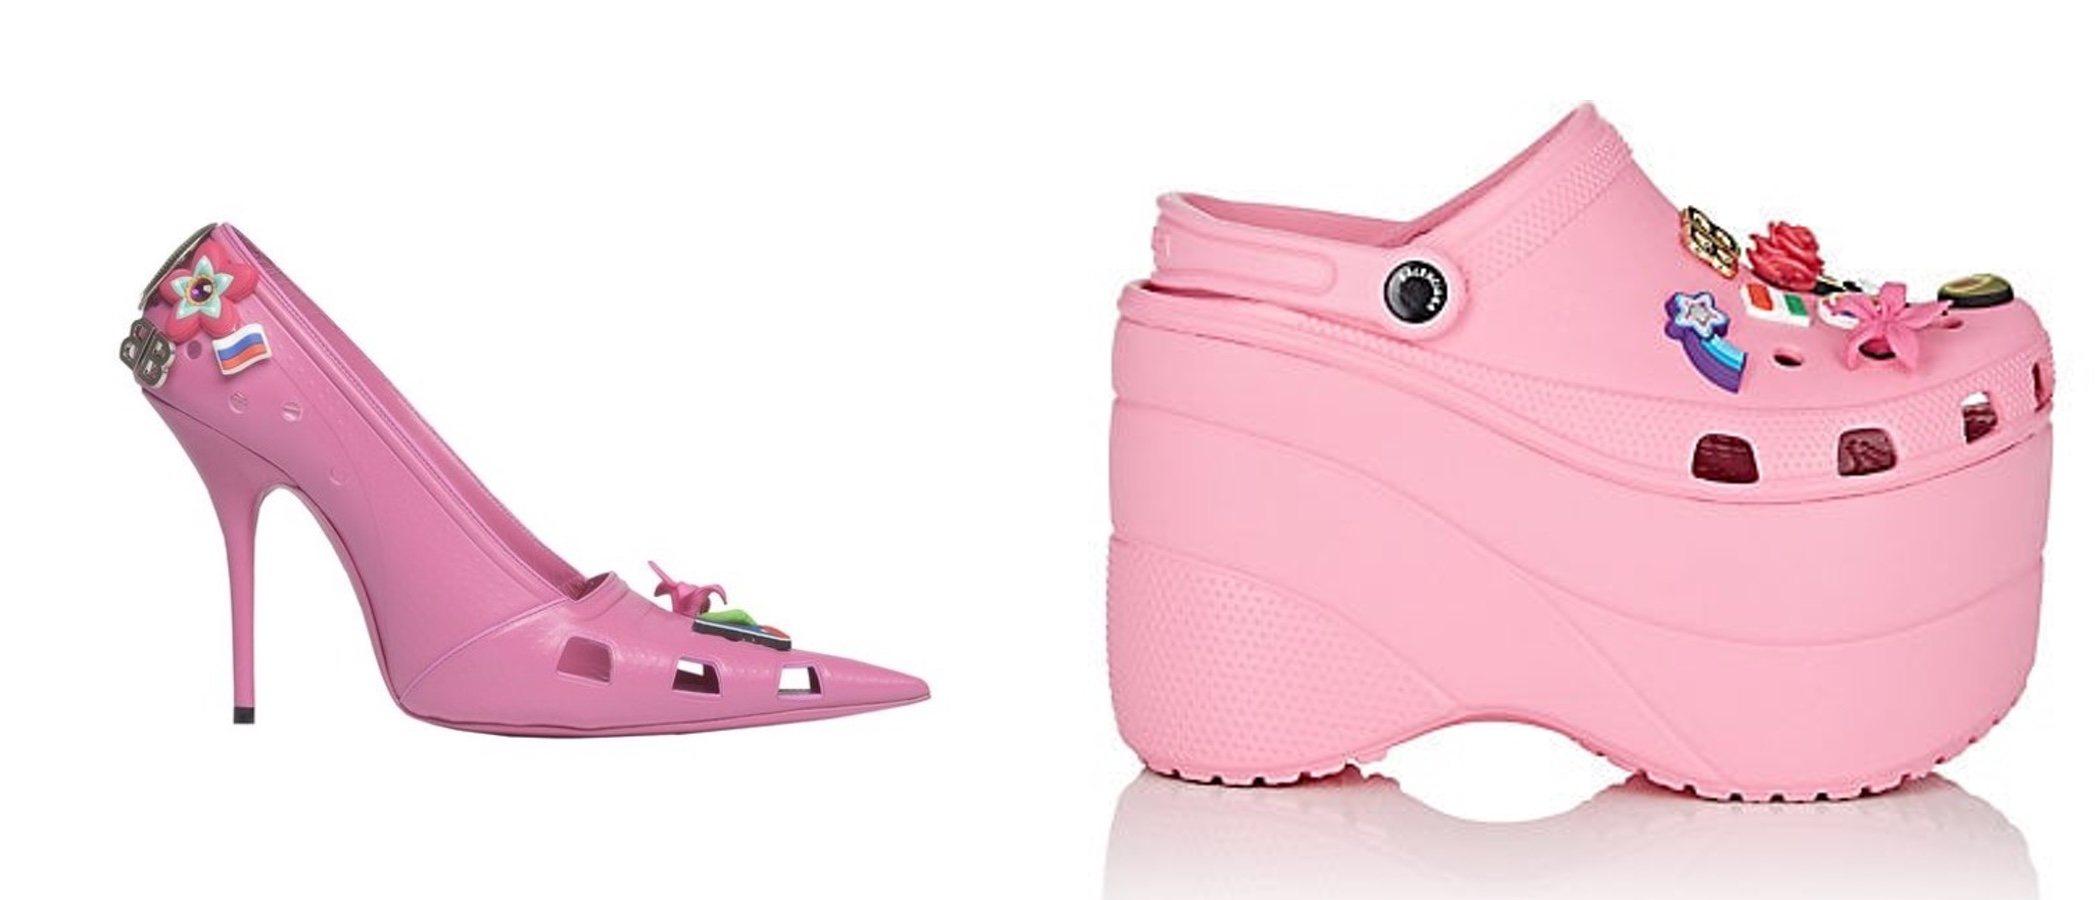 Crocs stiletto de Balenciaga, una nueva y original tendencia